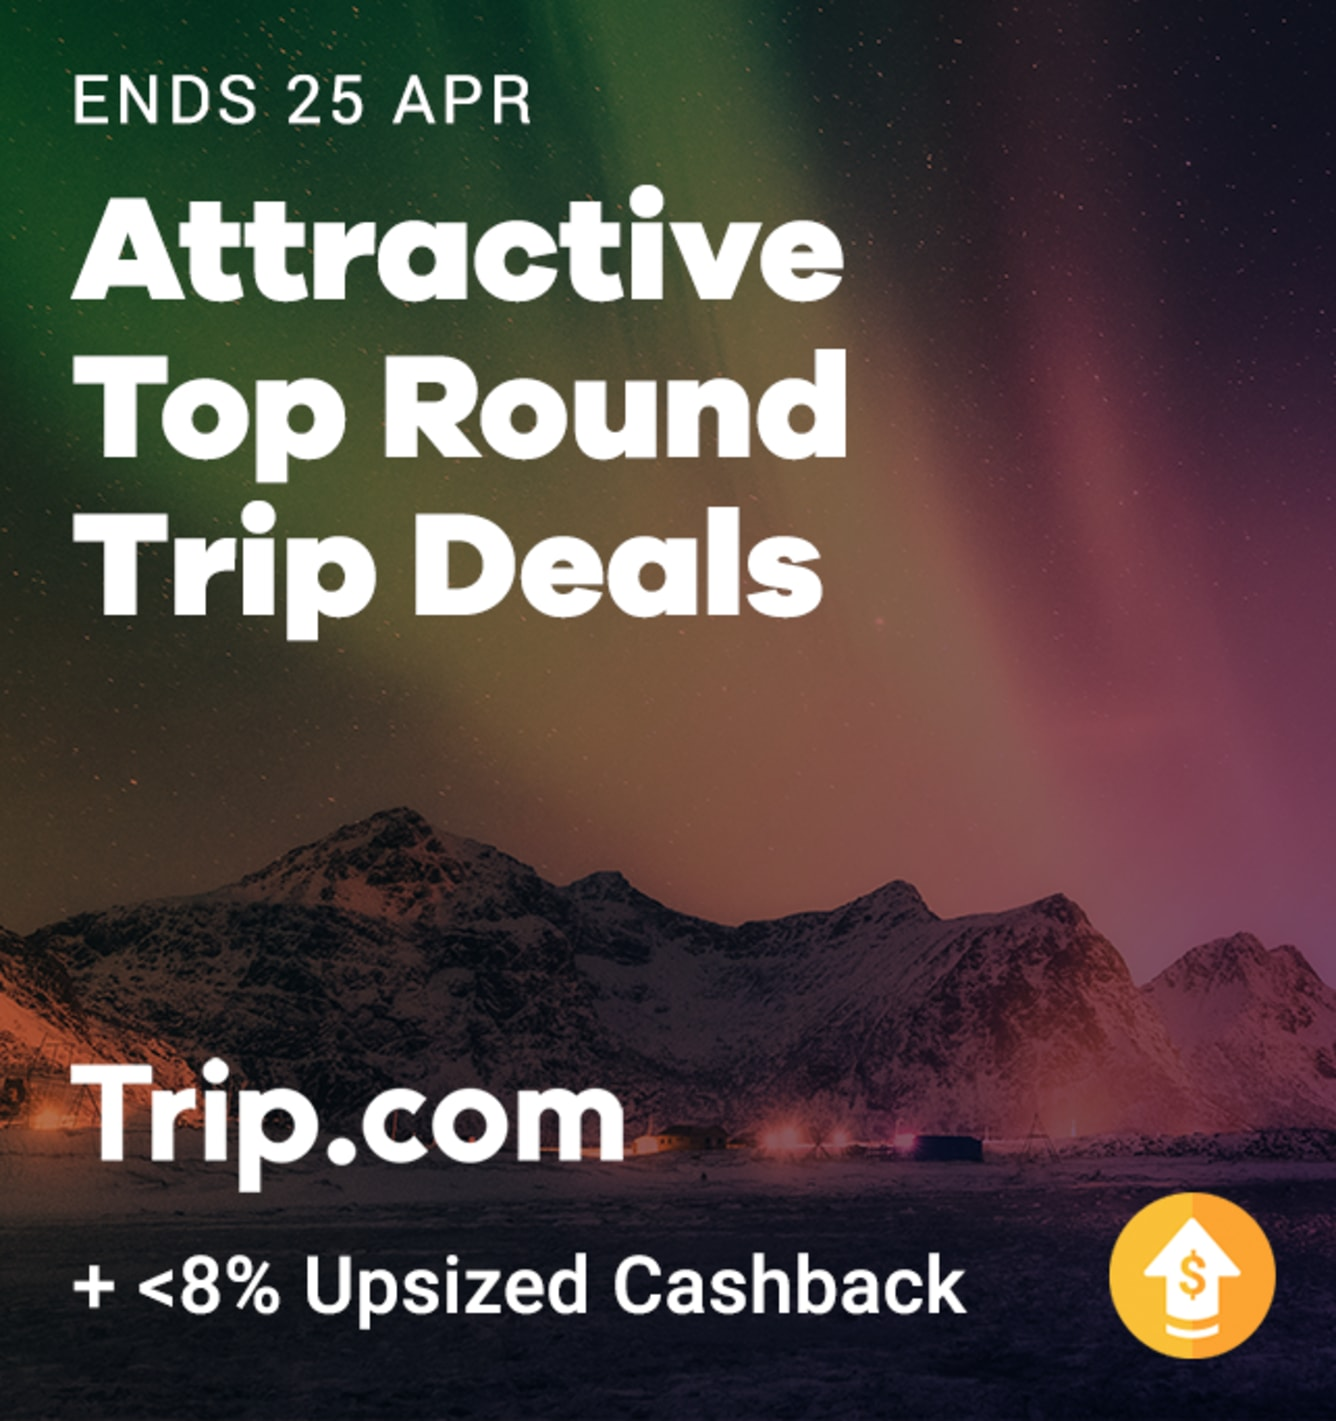 Trip.com 8% Upsize | Apr 2019